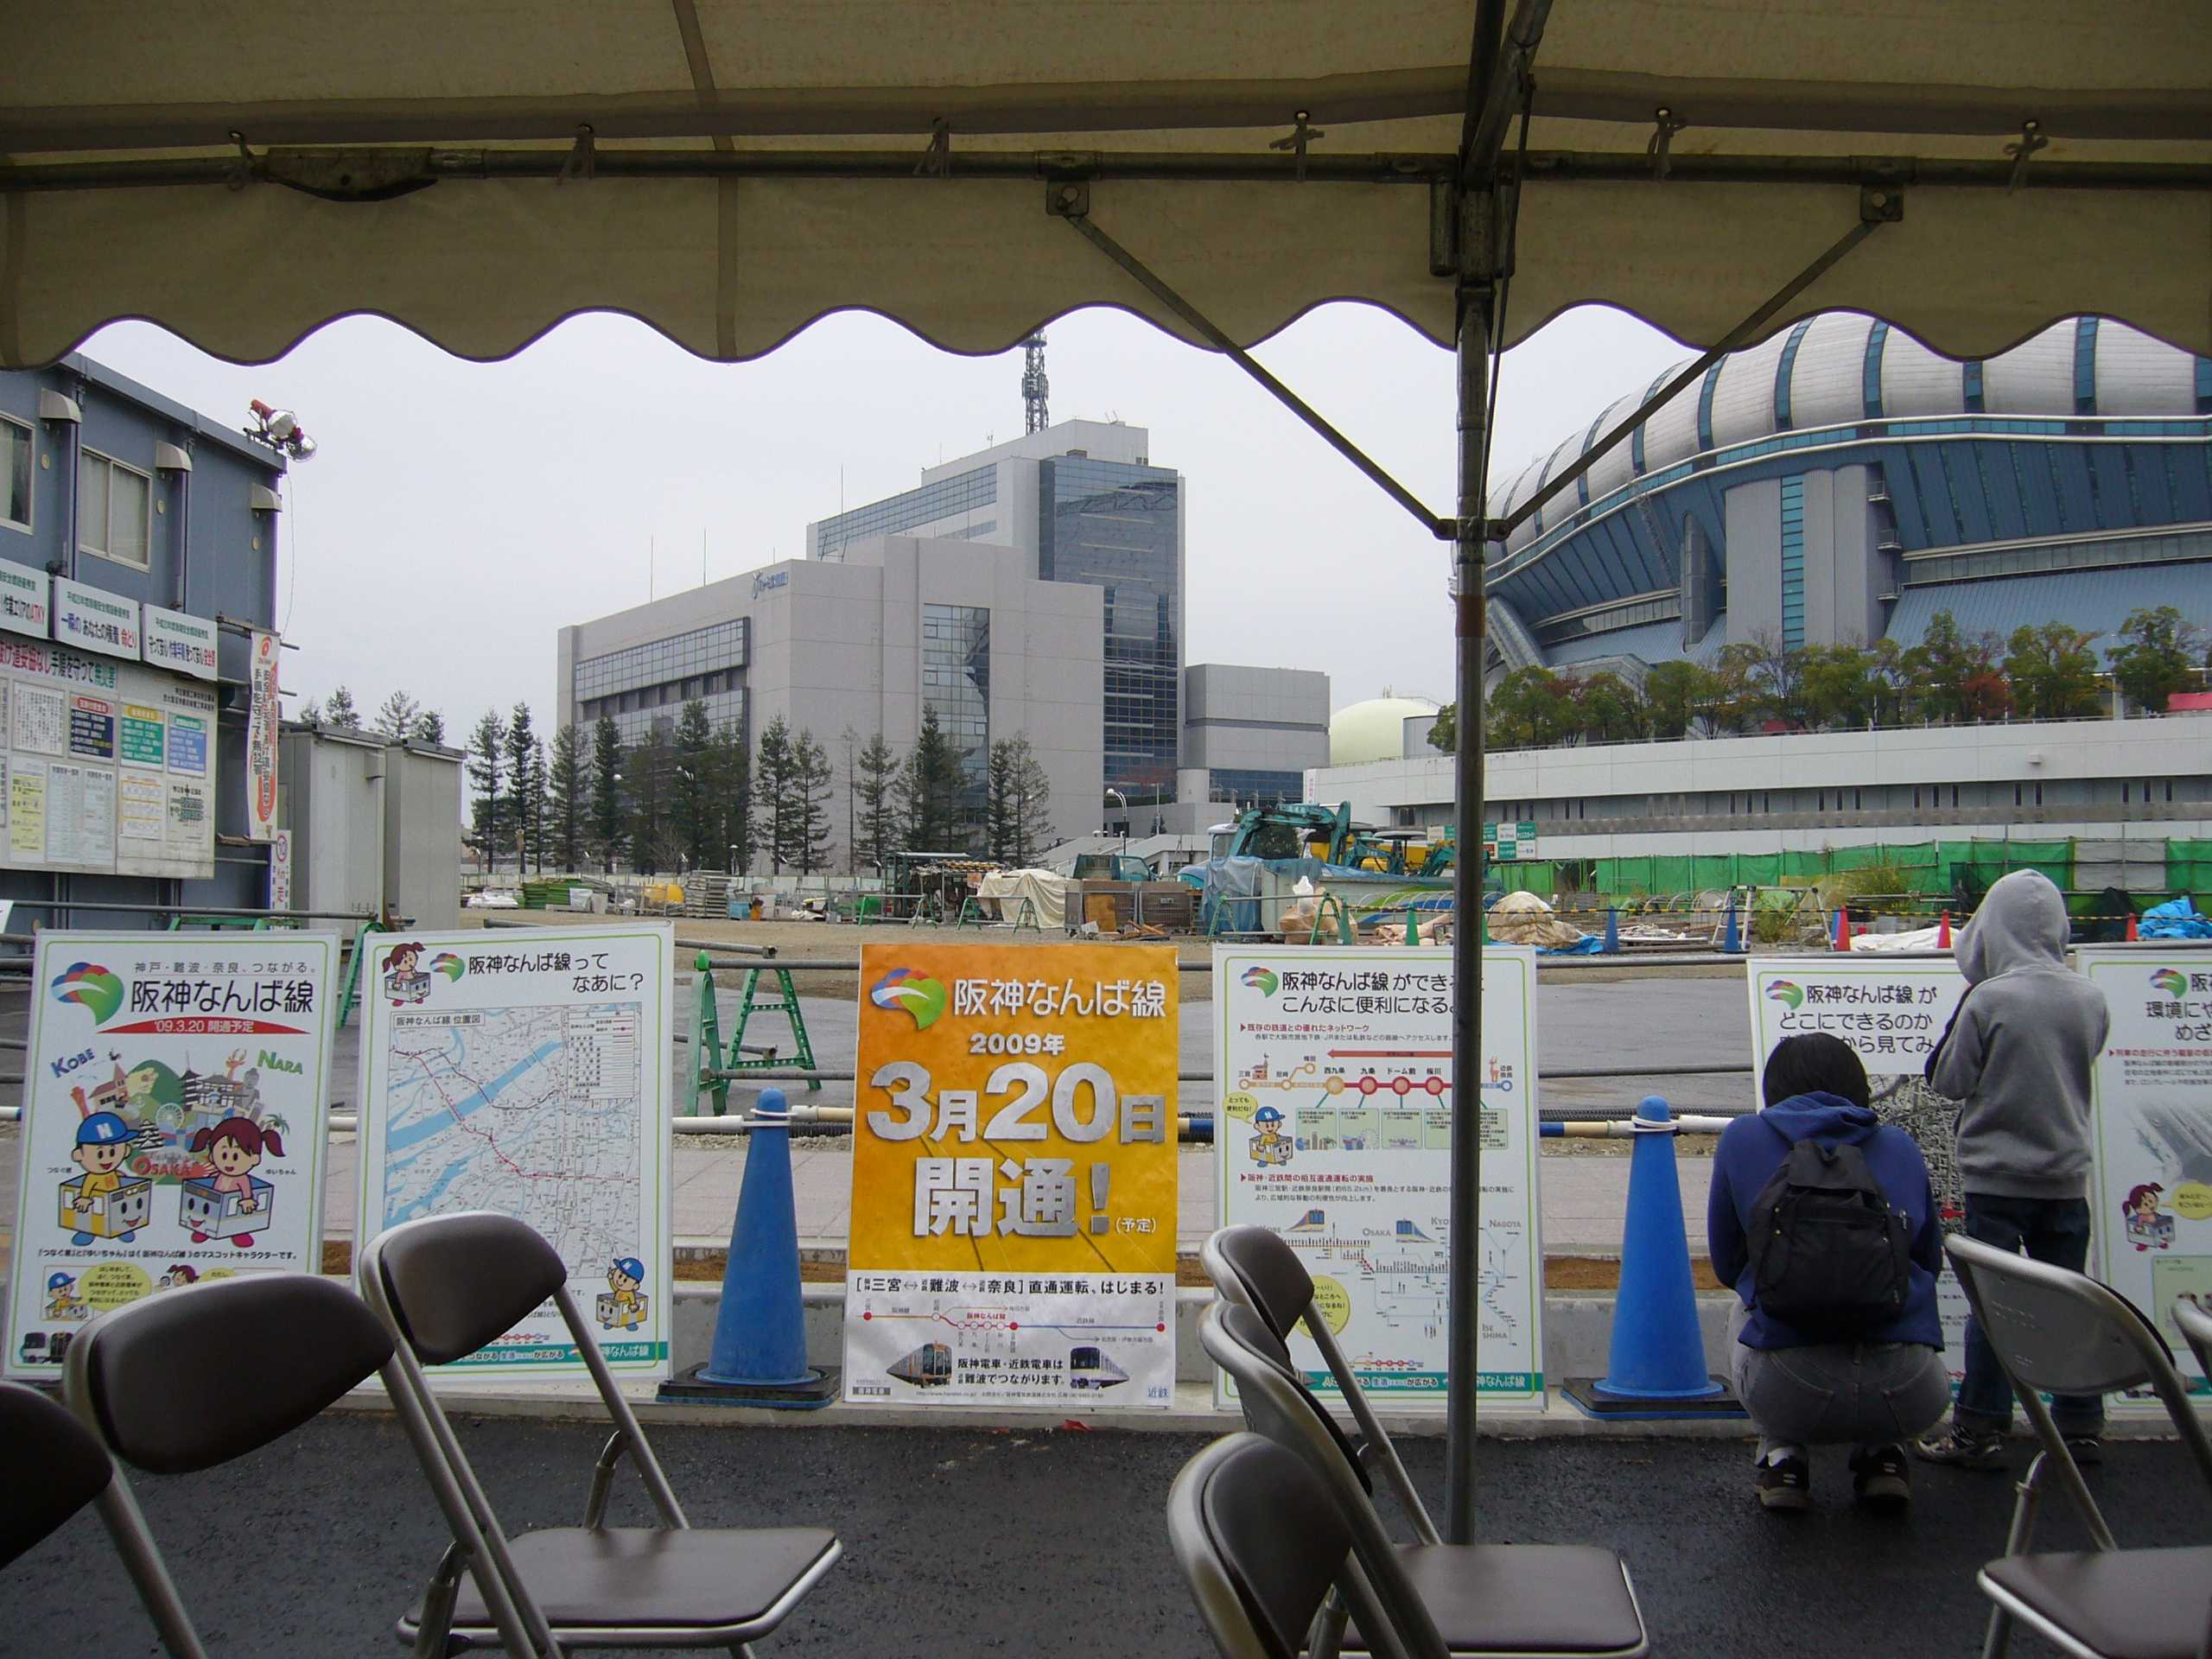 「阪神なんば線」新線ウォークの開始を待つ